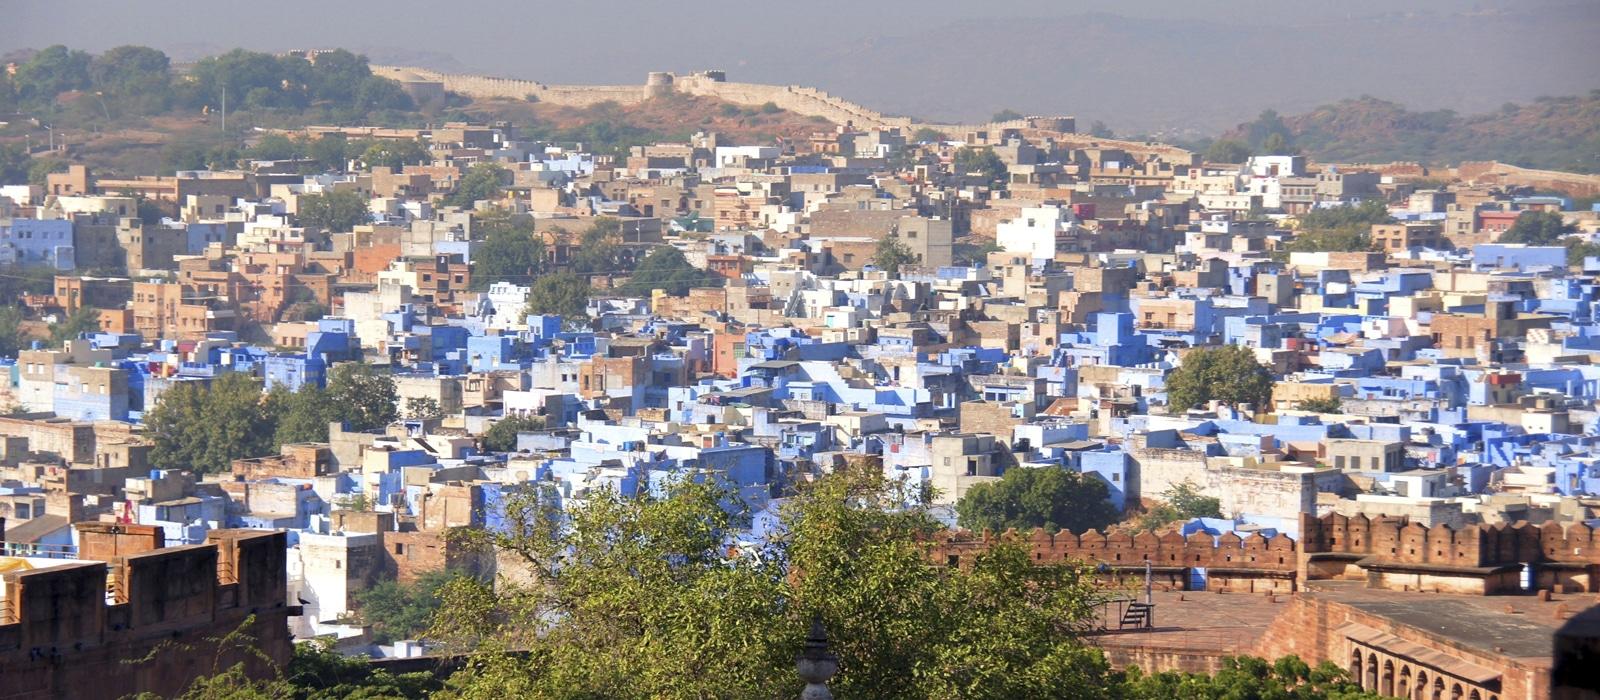 img-diapo-entete - Rajasthan-1600x700-3.jpg